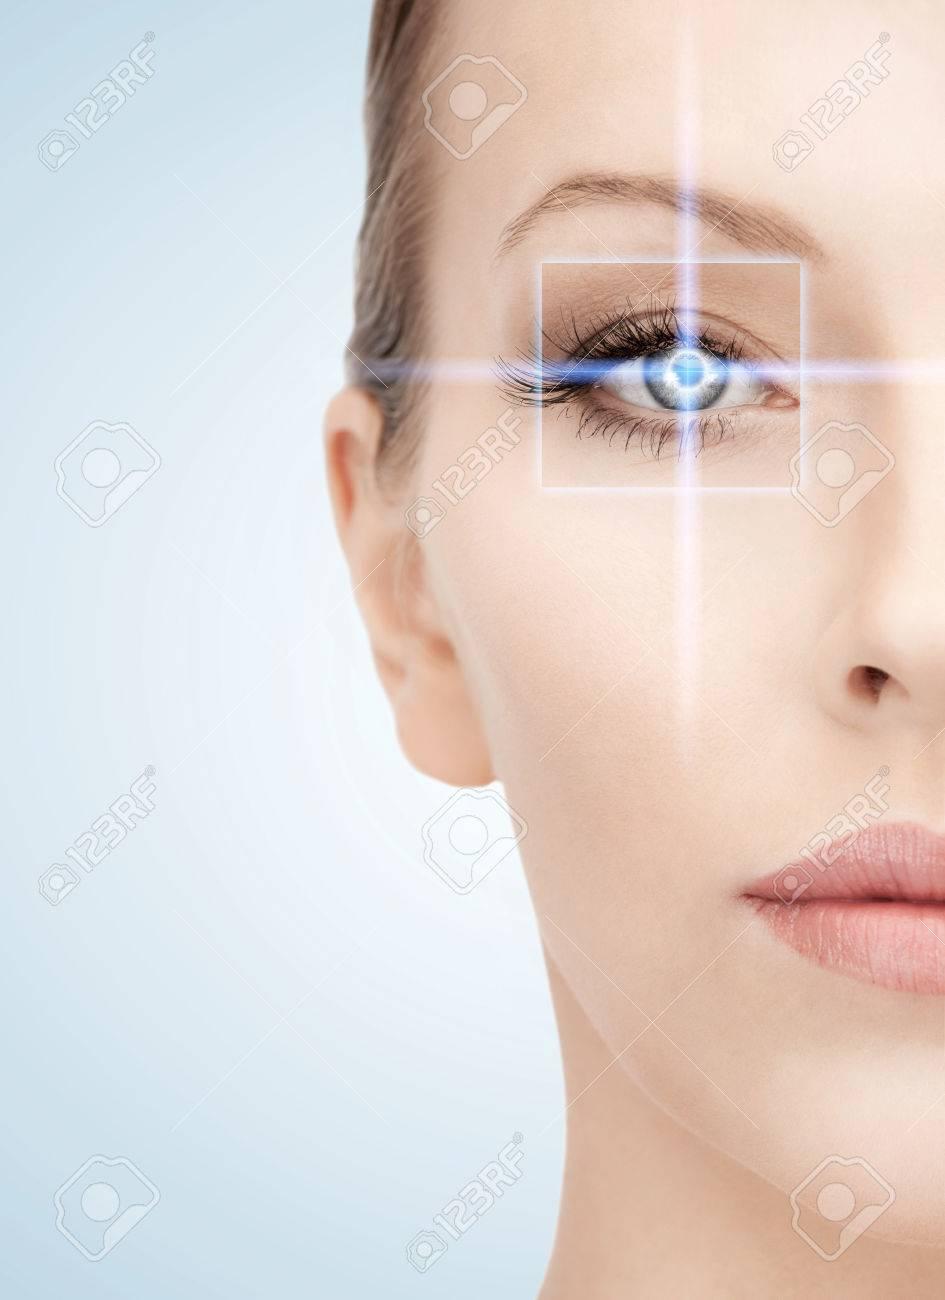 Banque d images - Santé, vision, vue, futur concept de la technologie -  oeil de femme avec le cadre de la correction au laser 9e13a4d41de1